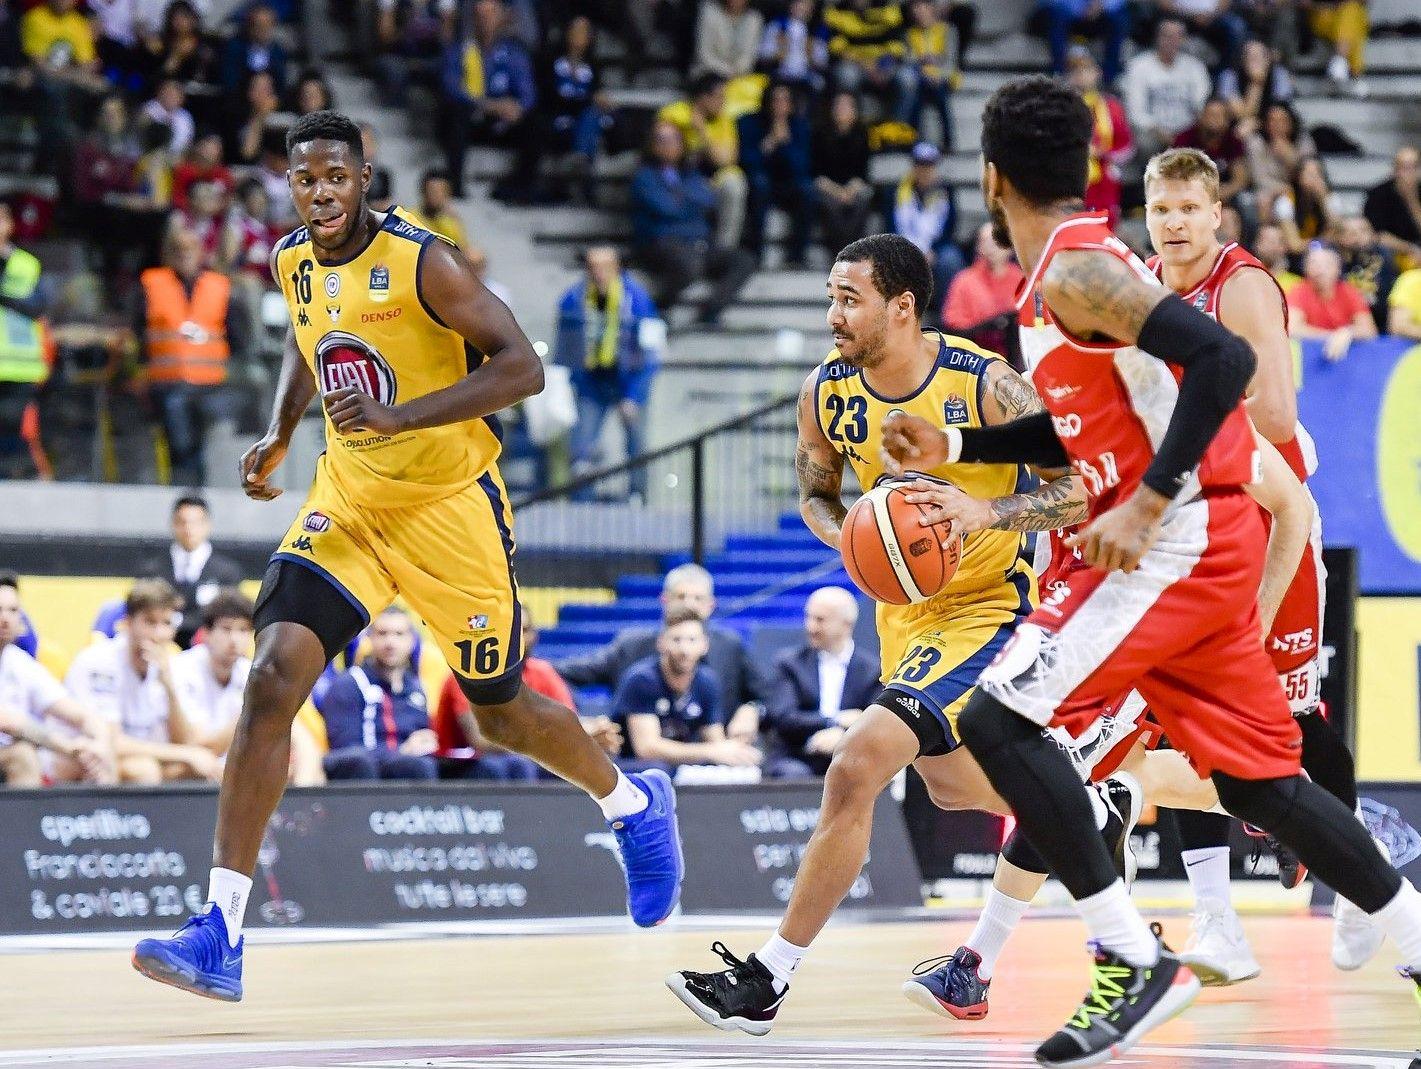 IVREA - Fallimento dell'Auxilium Basket Torino: un arresto in città. Altri due indagati a Caluso e Rivarolo Canavese - I NOMI